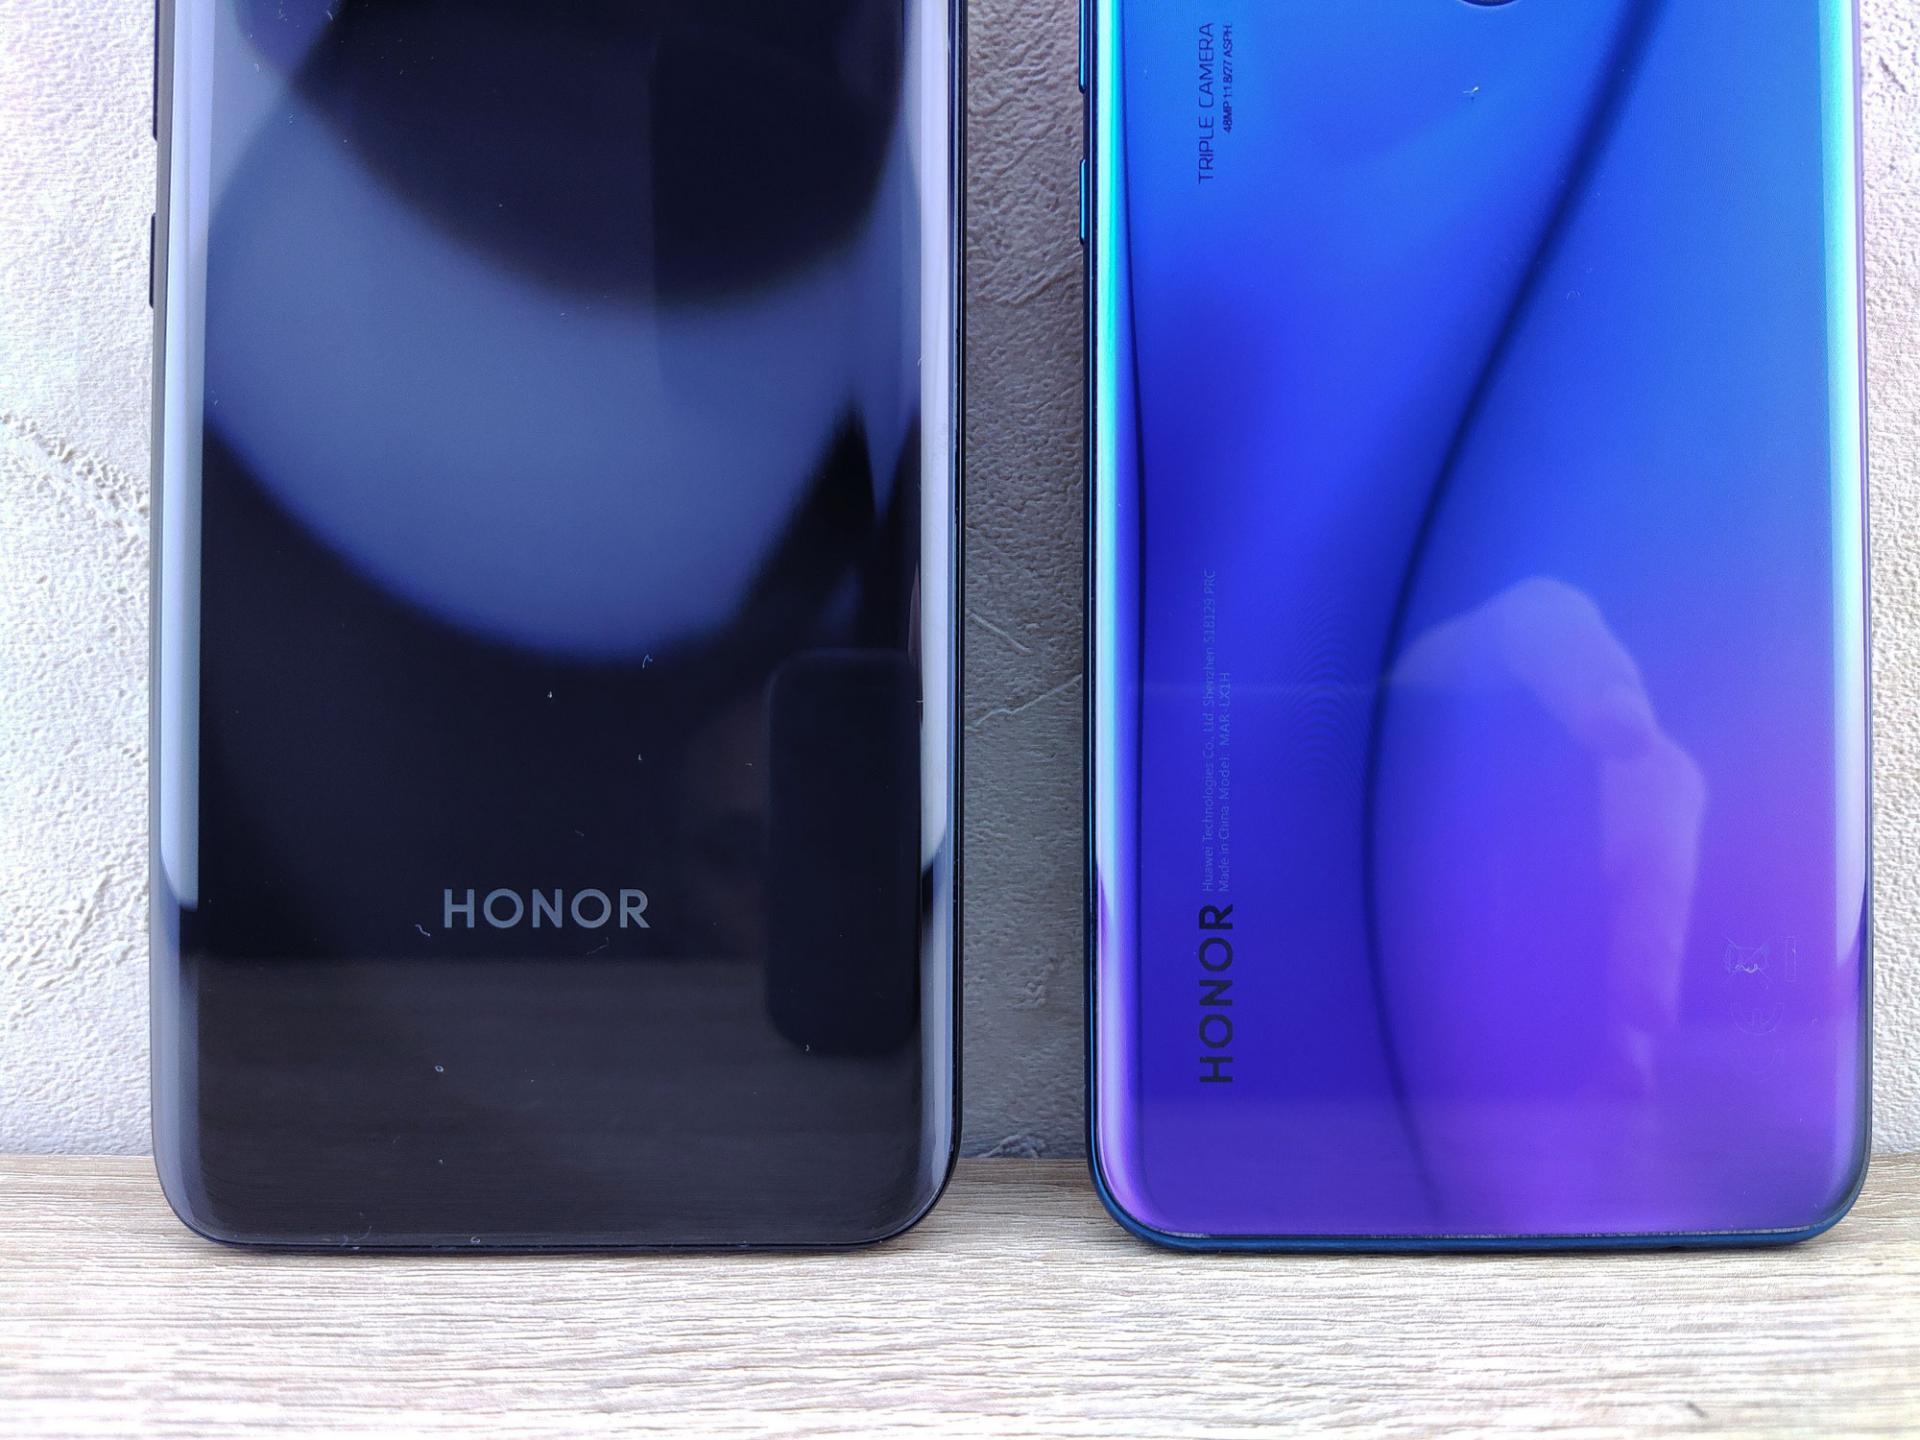 На новые смартфоны Honor возвращаются Google-сервисы